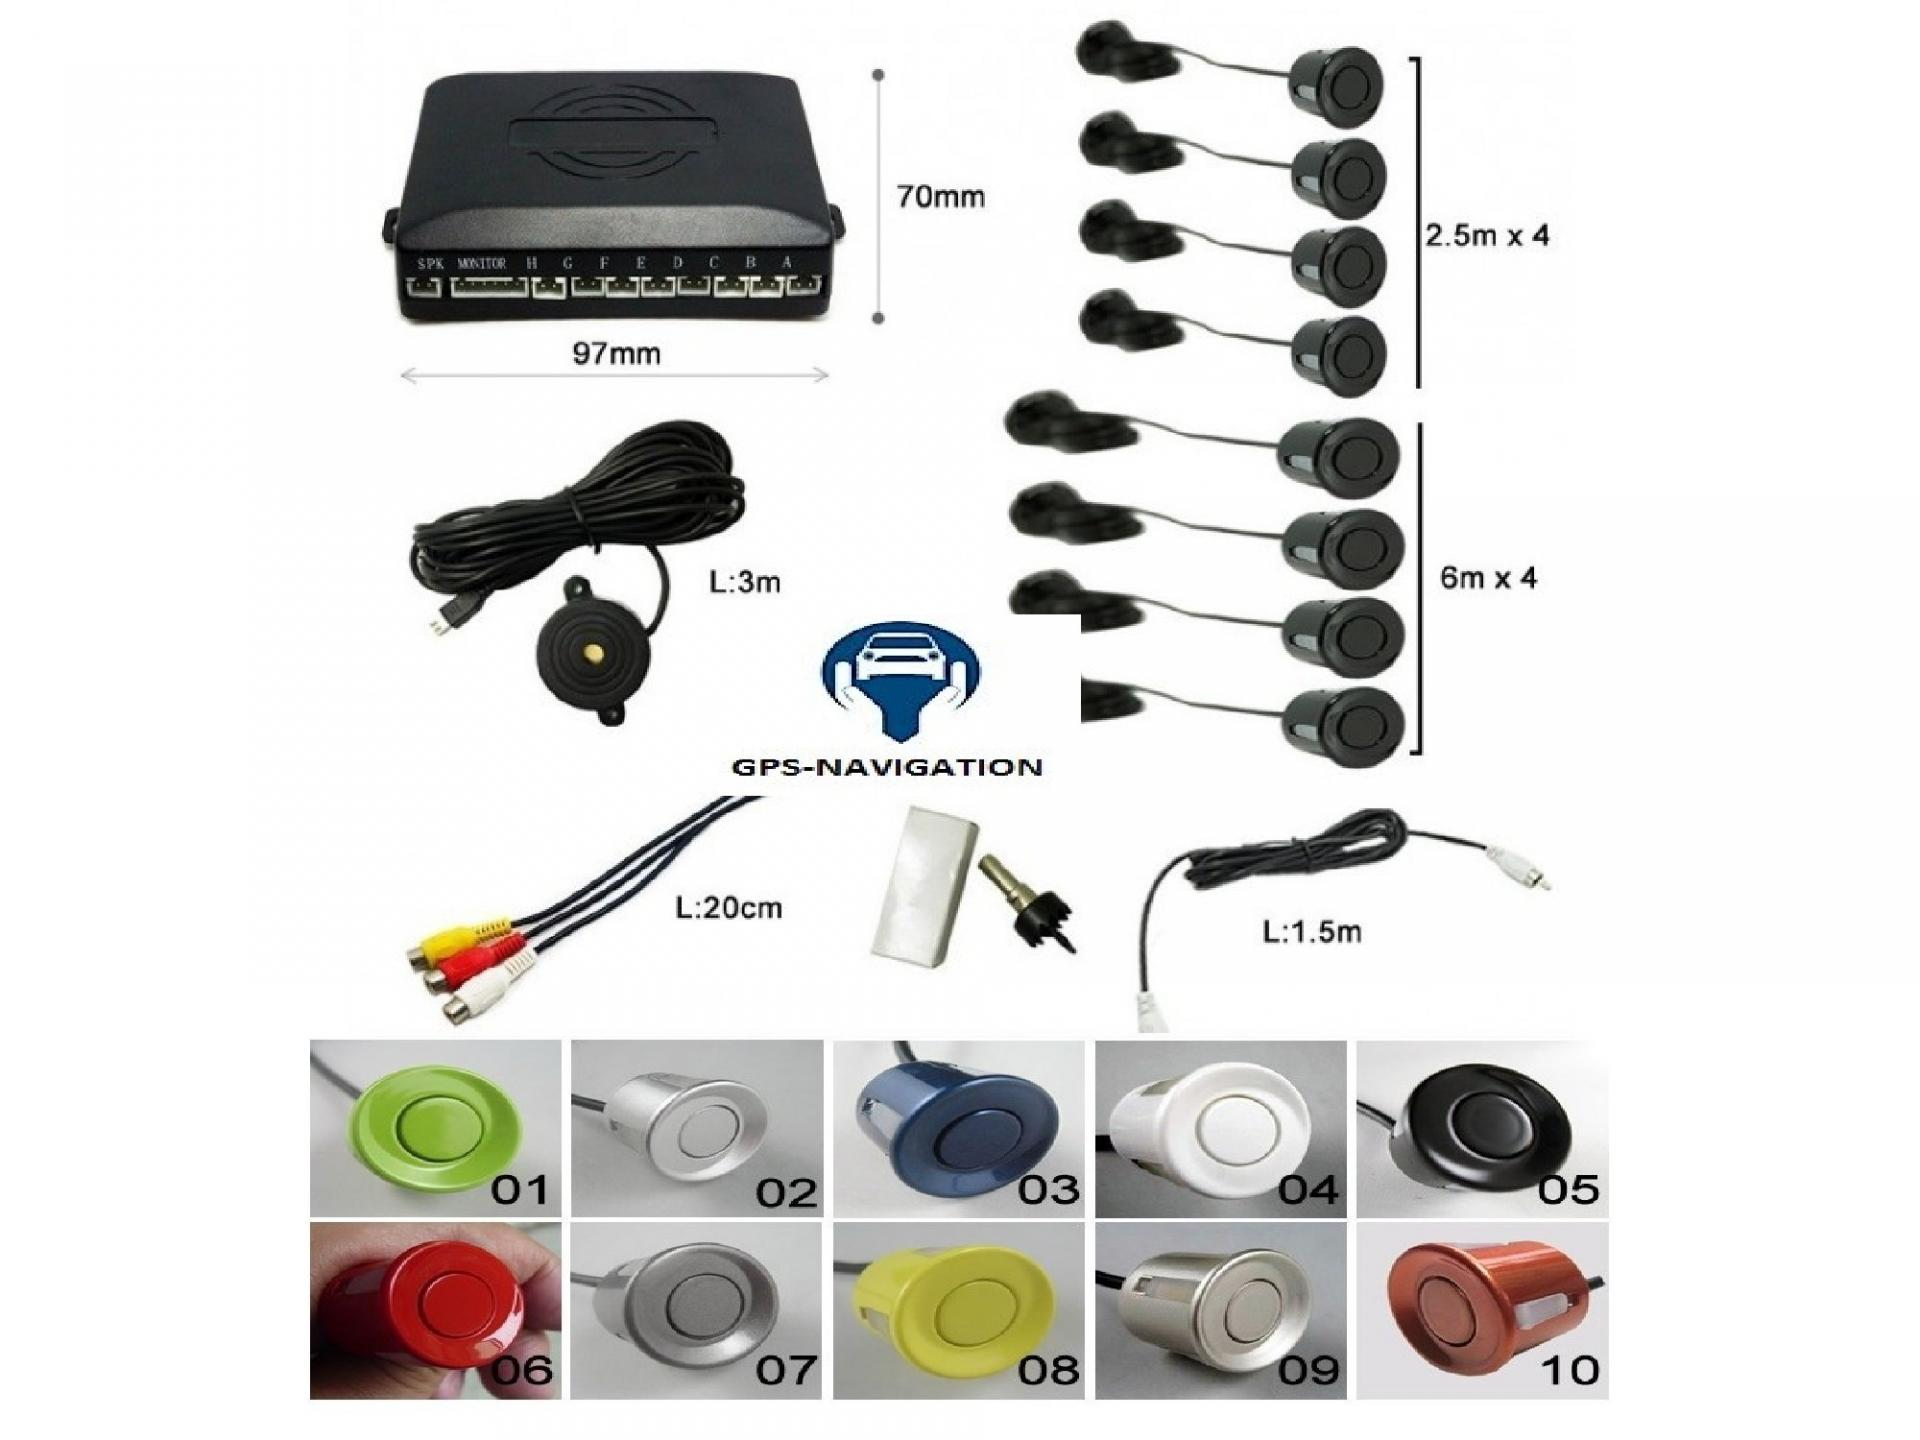 Gps navigation fr affichage video camera avant arriere radars avant arriere plusieurs couleurs trepan 3 3